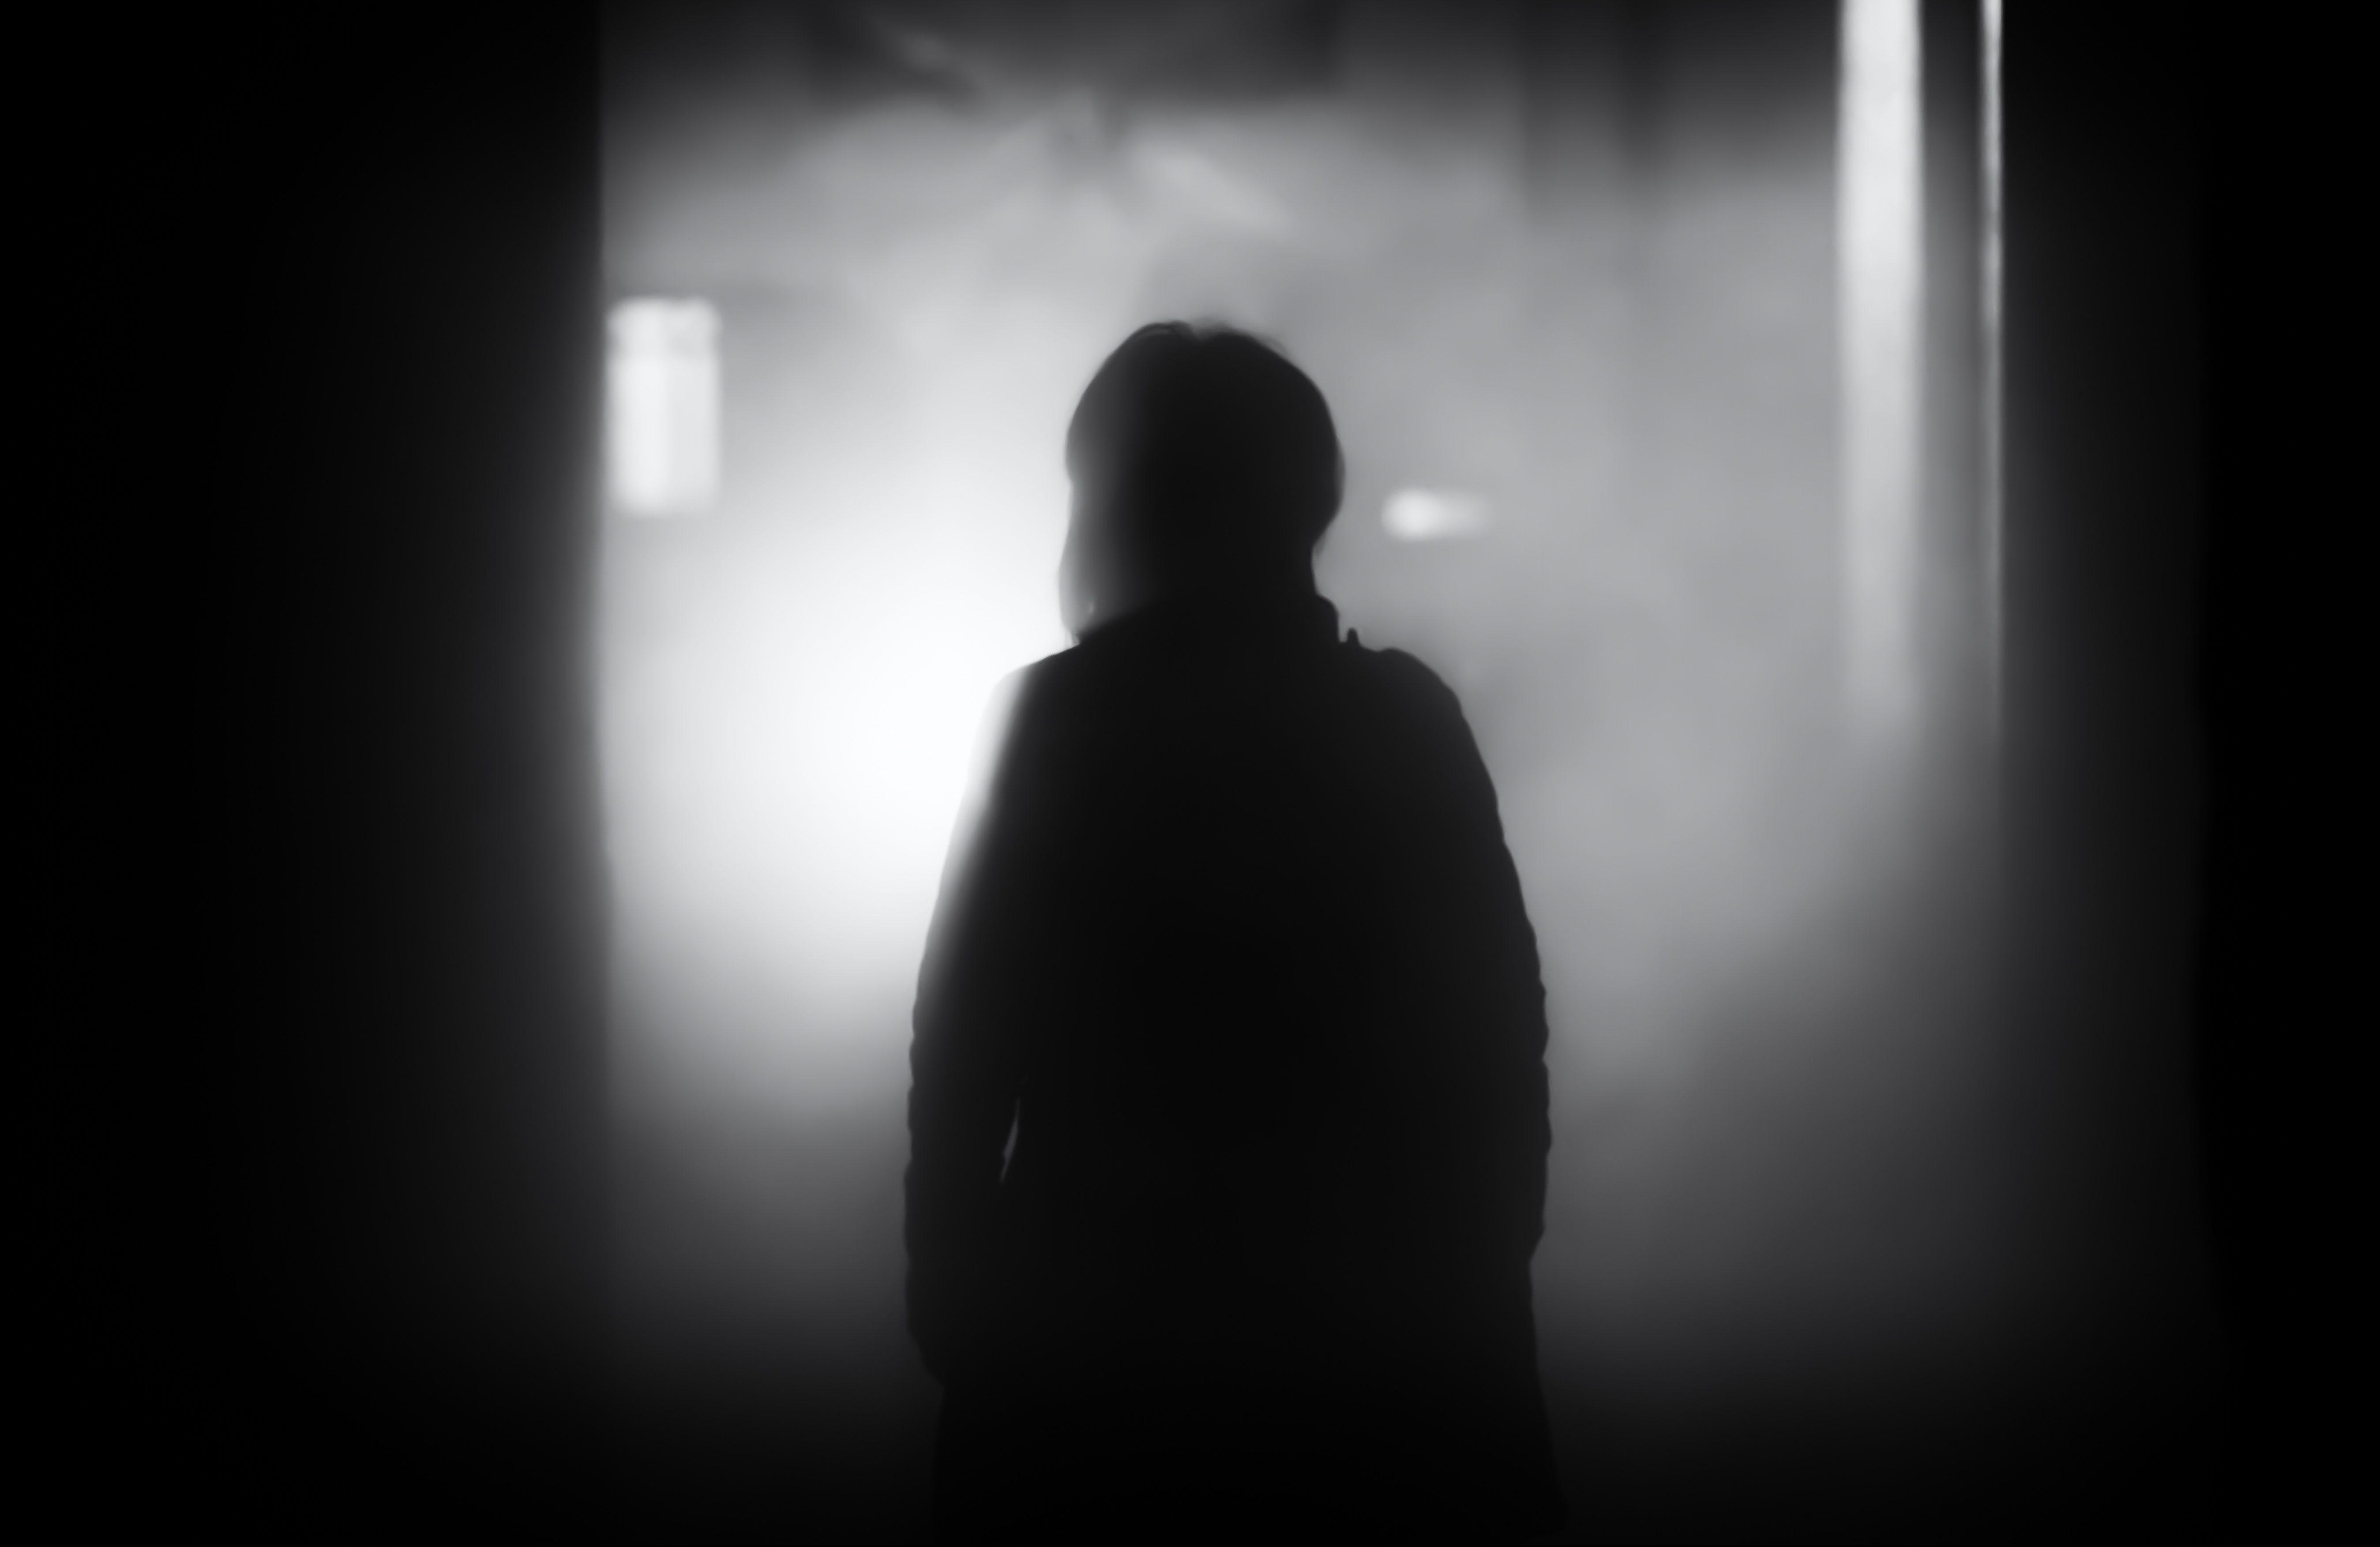 She is Death by Tricia da Costa